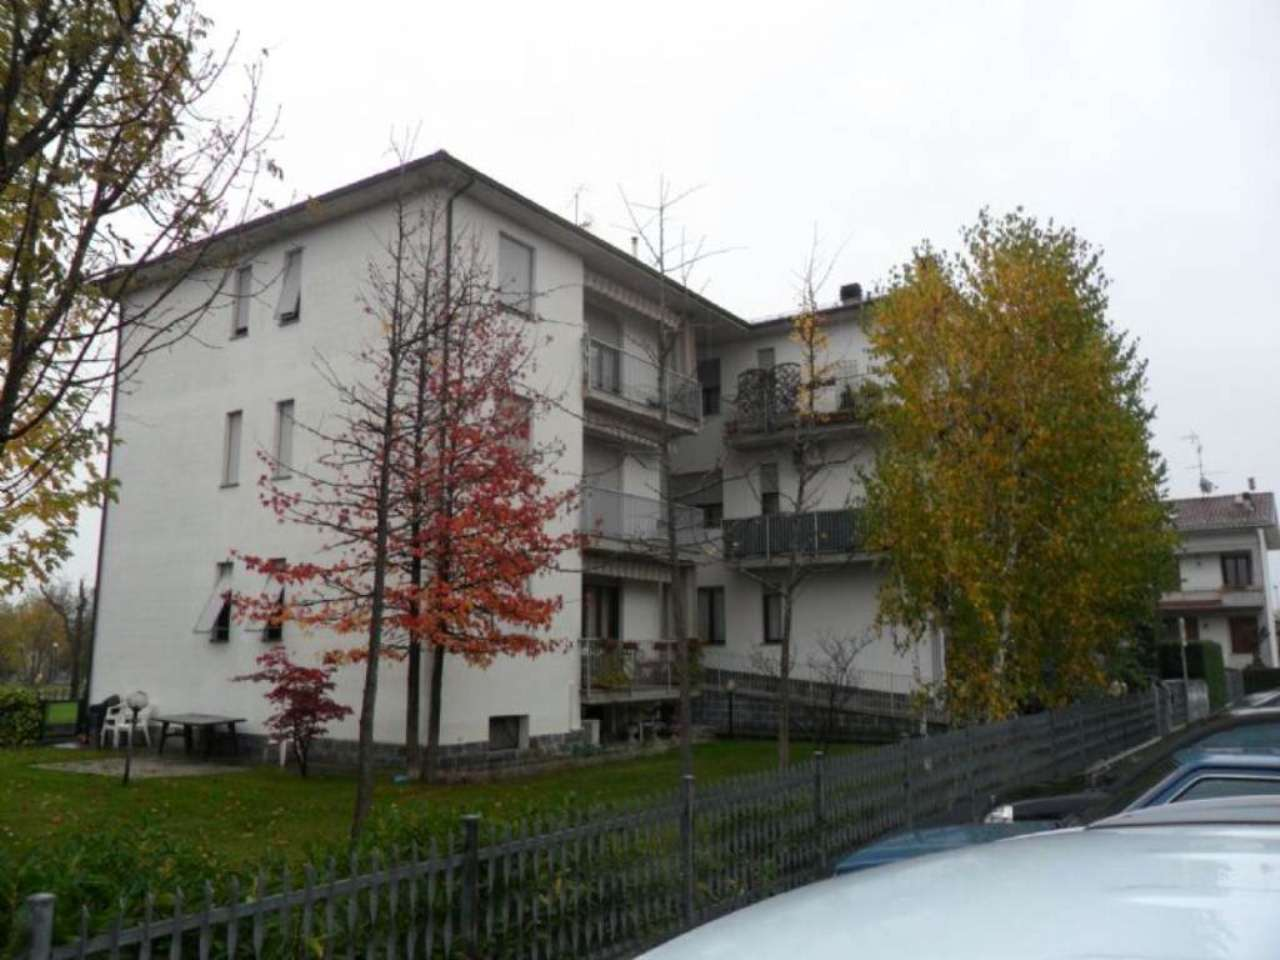 Appartamento in vendita a Medesano, 2 locali, prezzo € 68.000 | Cambio Casa.it